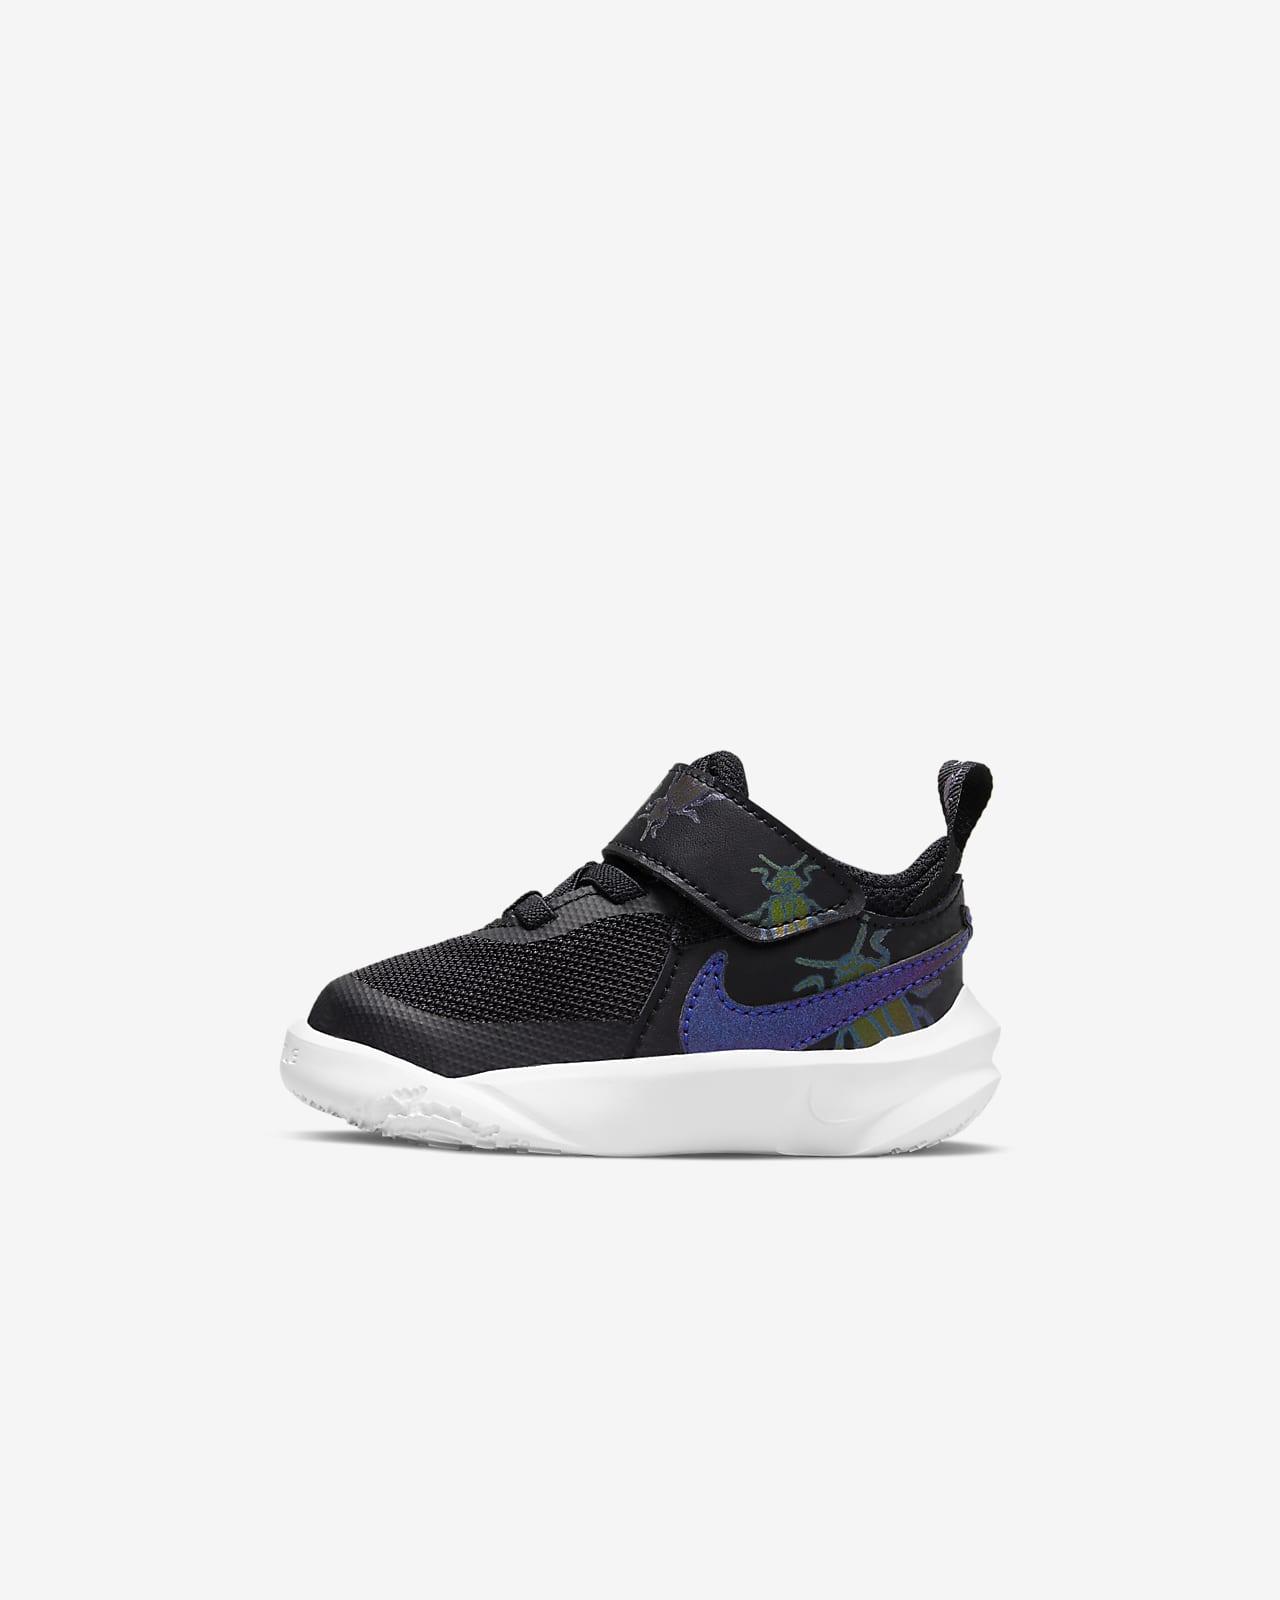 Chaussure Nike Team Hustle D 10 « Lil Bugs » pour Bébé et Petit ...